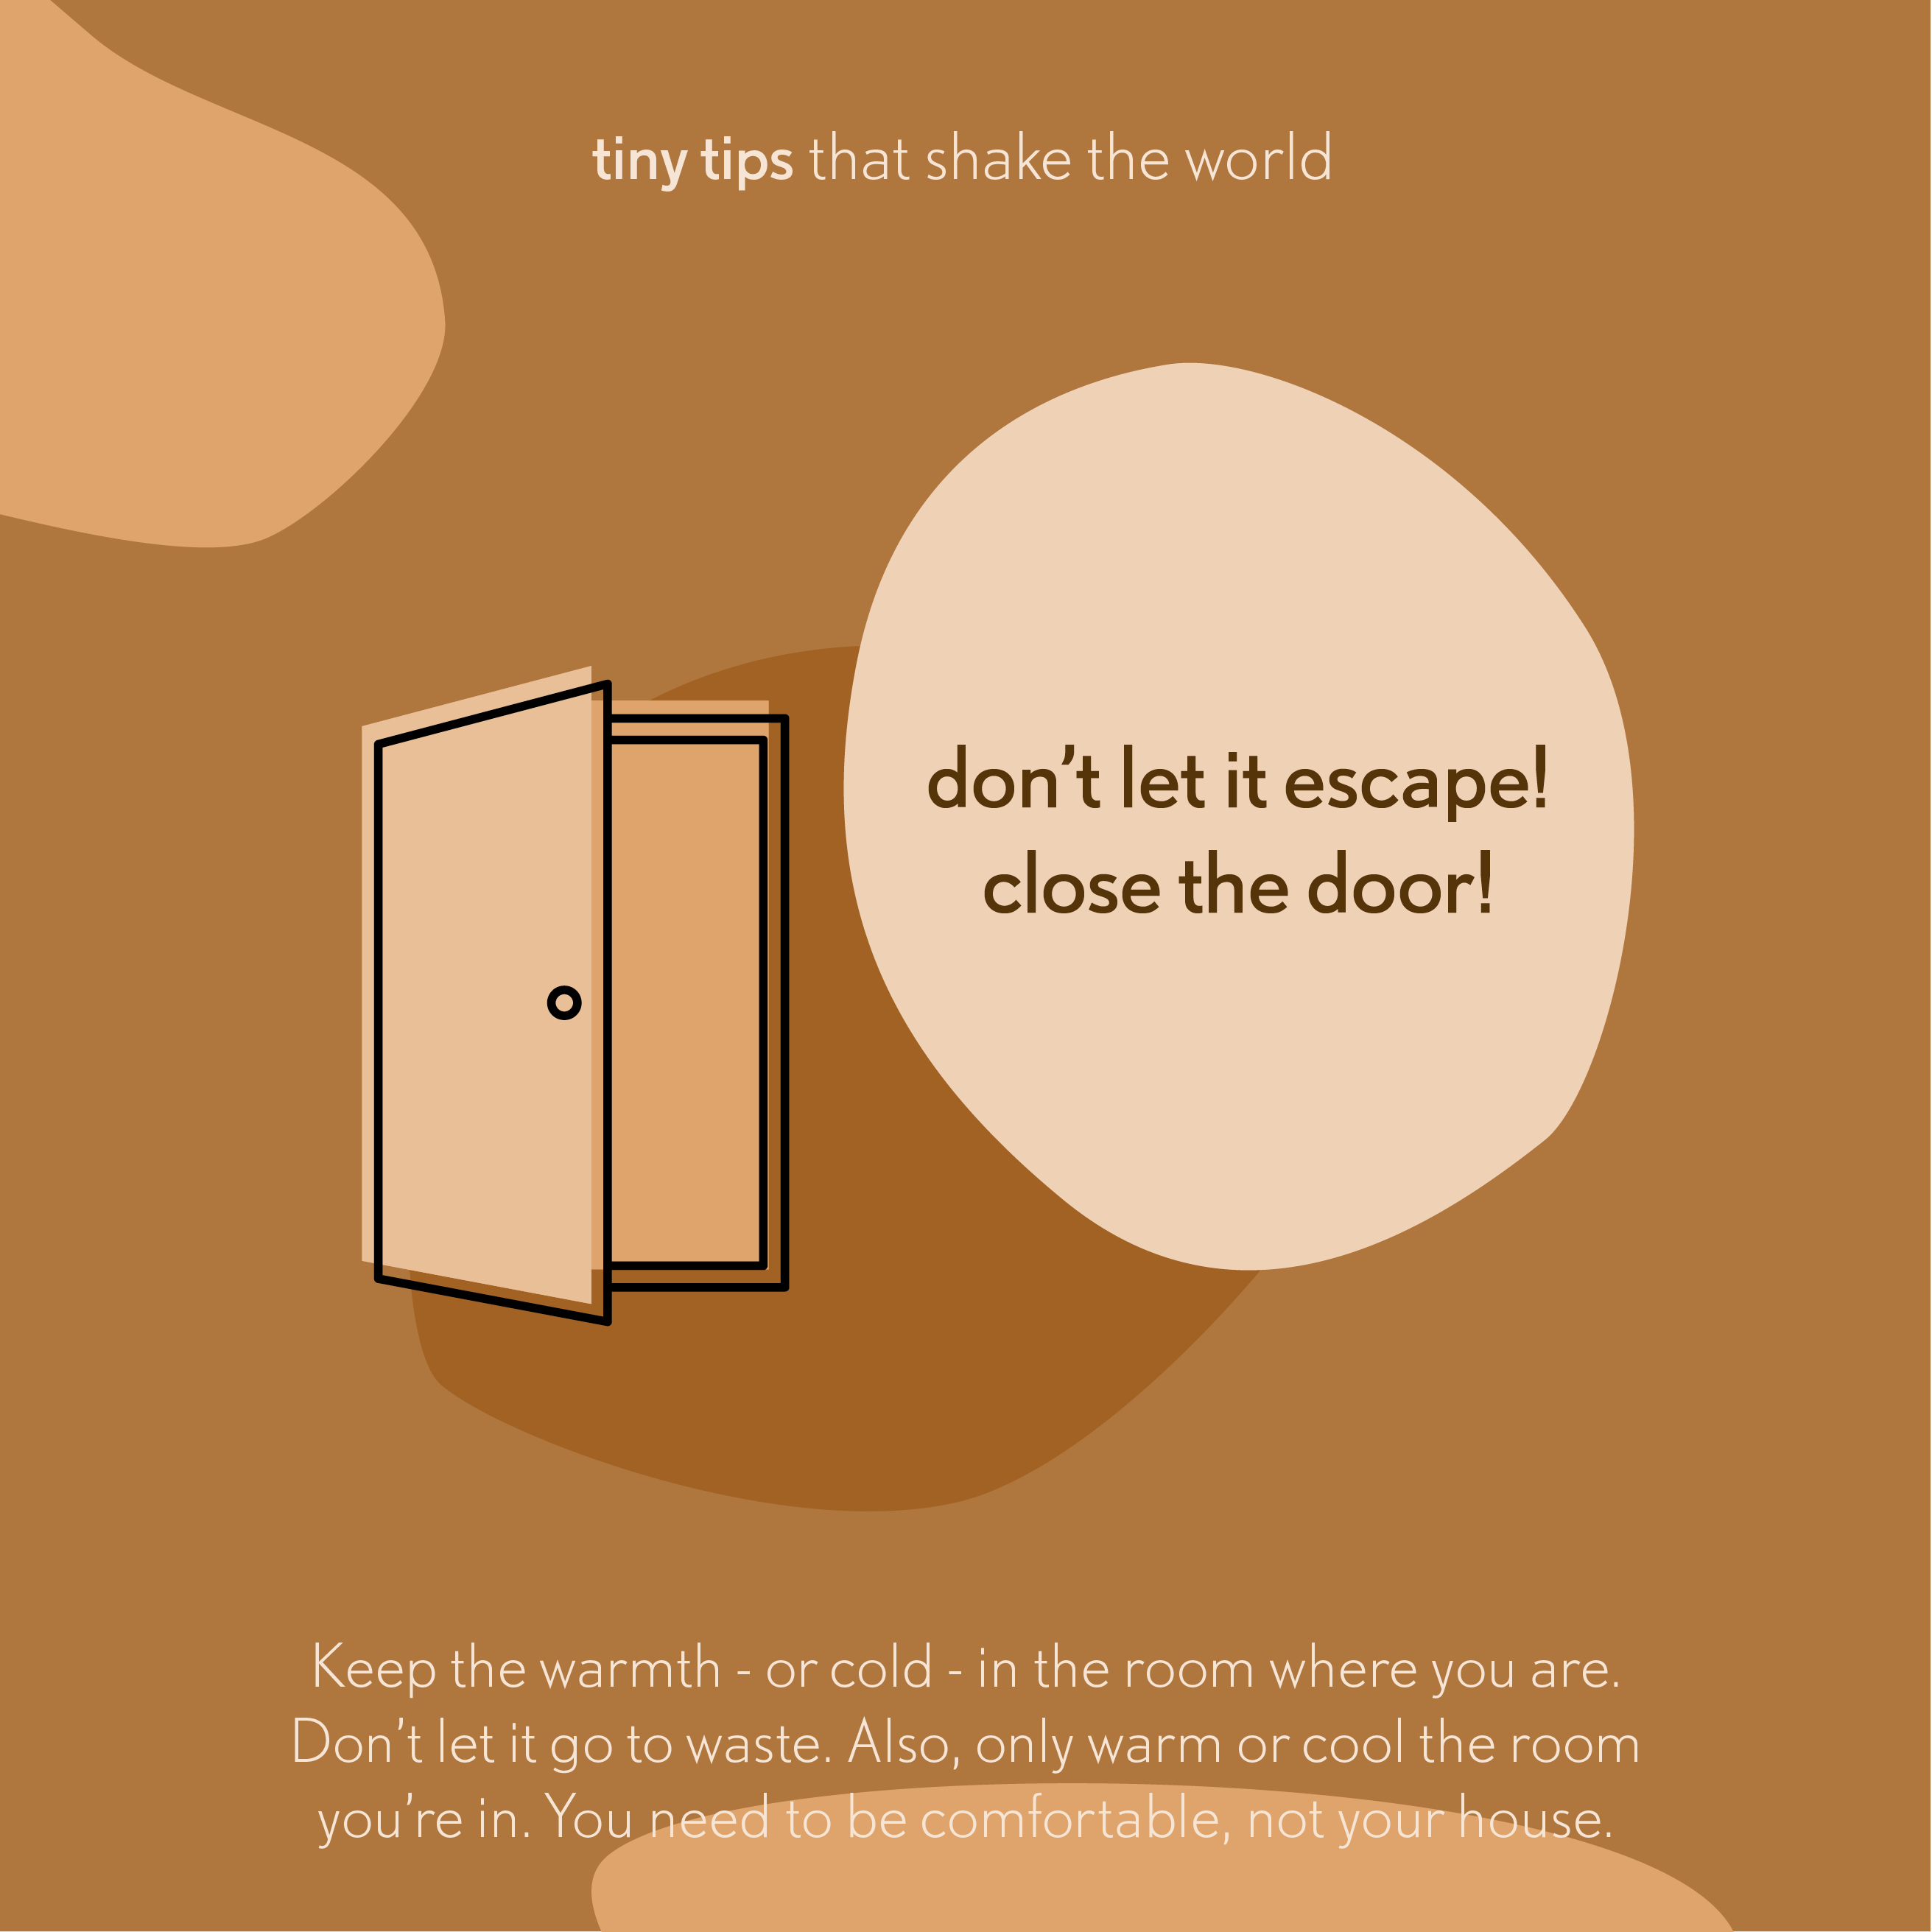 20190229 Don't let it escape! Close the door!